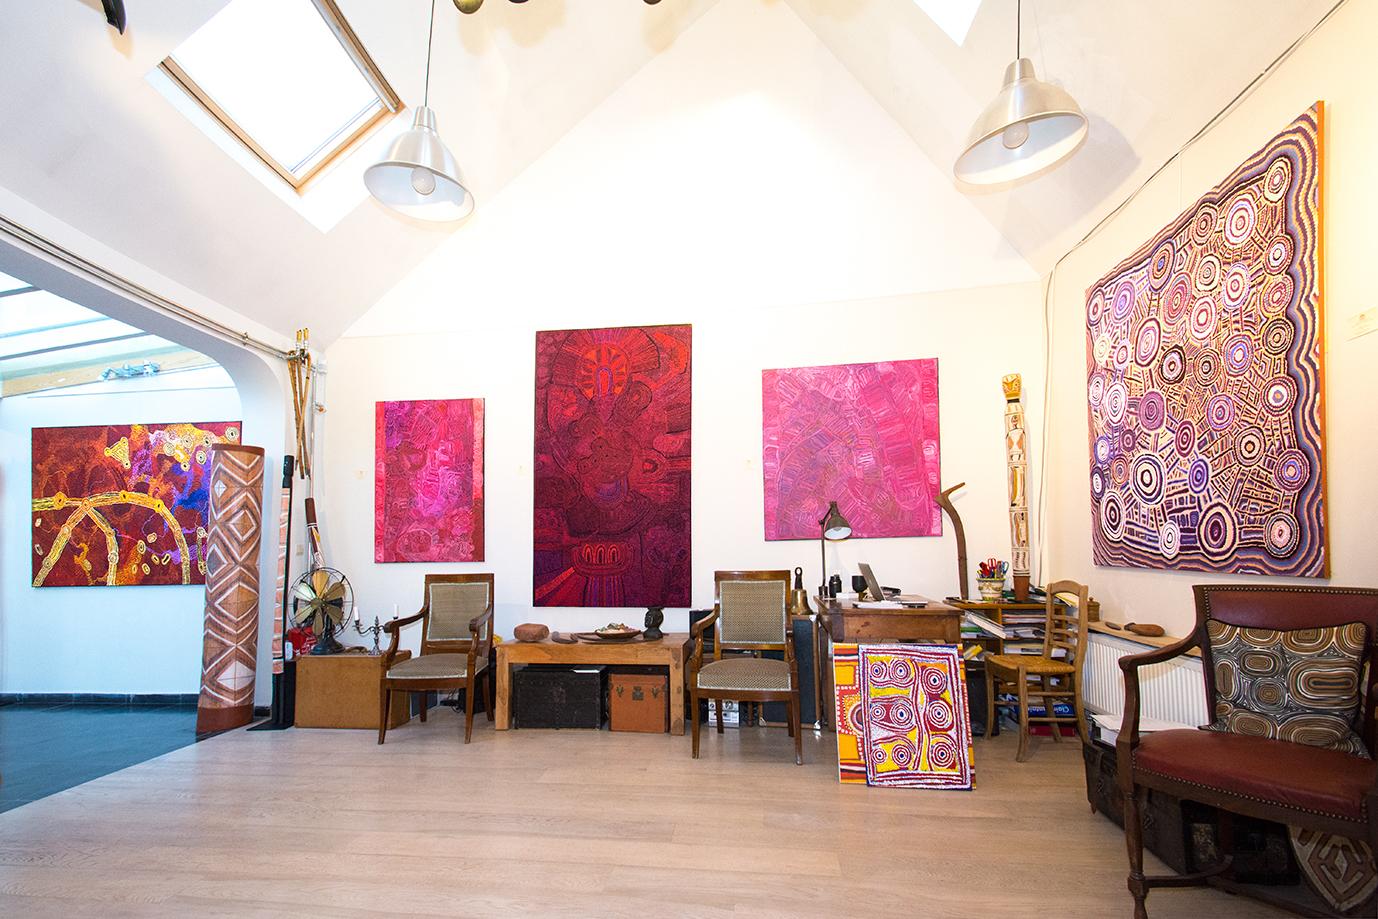 Vue de l'exposition d'art Aborigène Gems in a Patchwork jusqu'au 18 décembre à Bruxelles. De gauche à droite, pour les peintures : une peinture d'art Aborigène de l'artiste Lydia Balbal (Bidyadanga) sous la verrière. Ensuite une peinture Aborigène de l'artiste Sonia Kurarra (Mangkaja), puis de Teresa Baker (Tjungu Palya), Sonia Kurarra à nouveau. A droite, une œuvre de Jeanie Napangardi (Yuendumu). © Photo : Aboriginal Signature gallery, with the courtesy of the artists and the art centres.